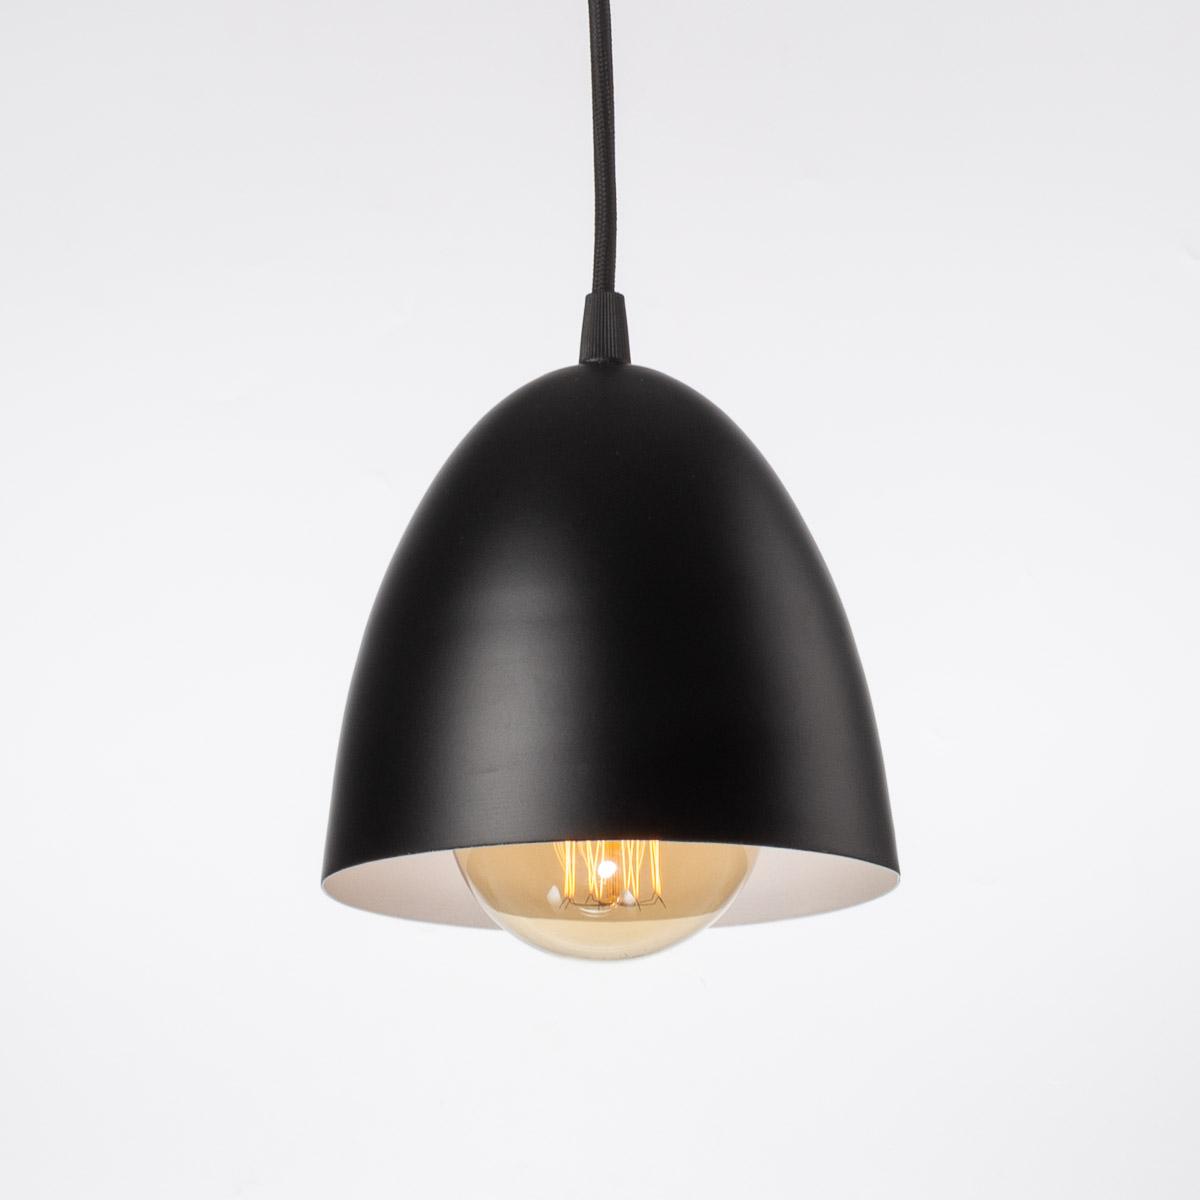 Потолочный светильник Wilma черный